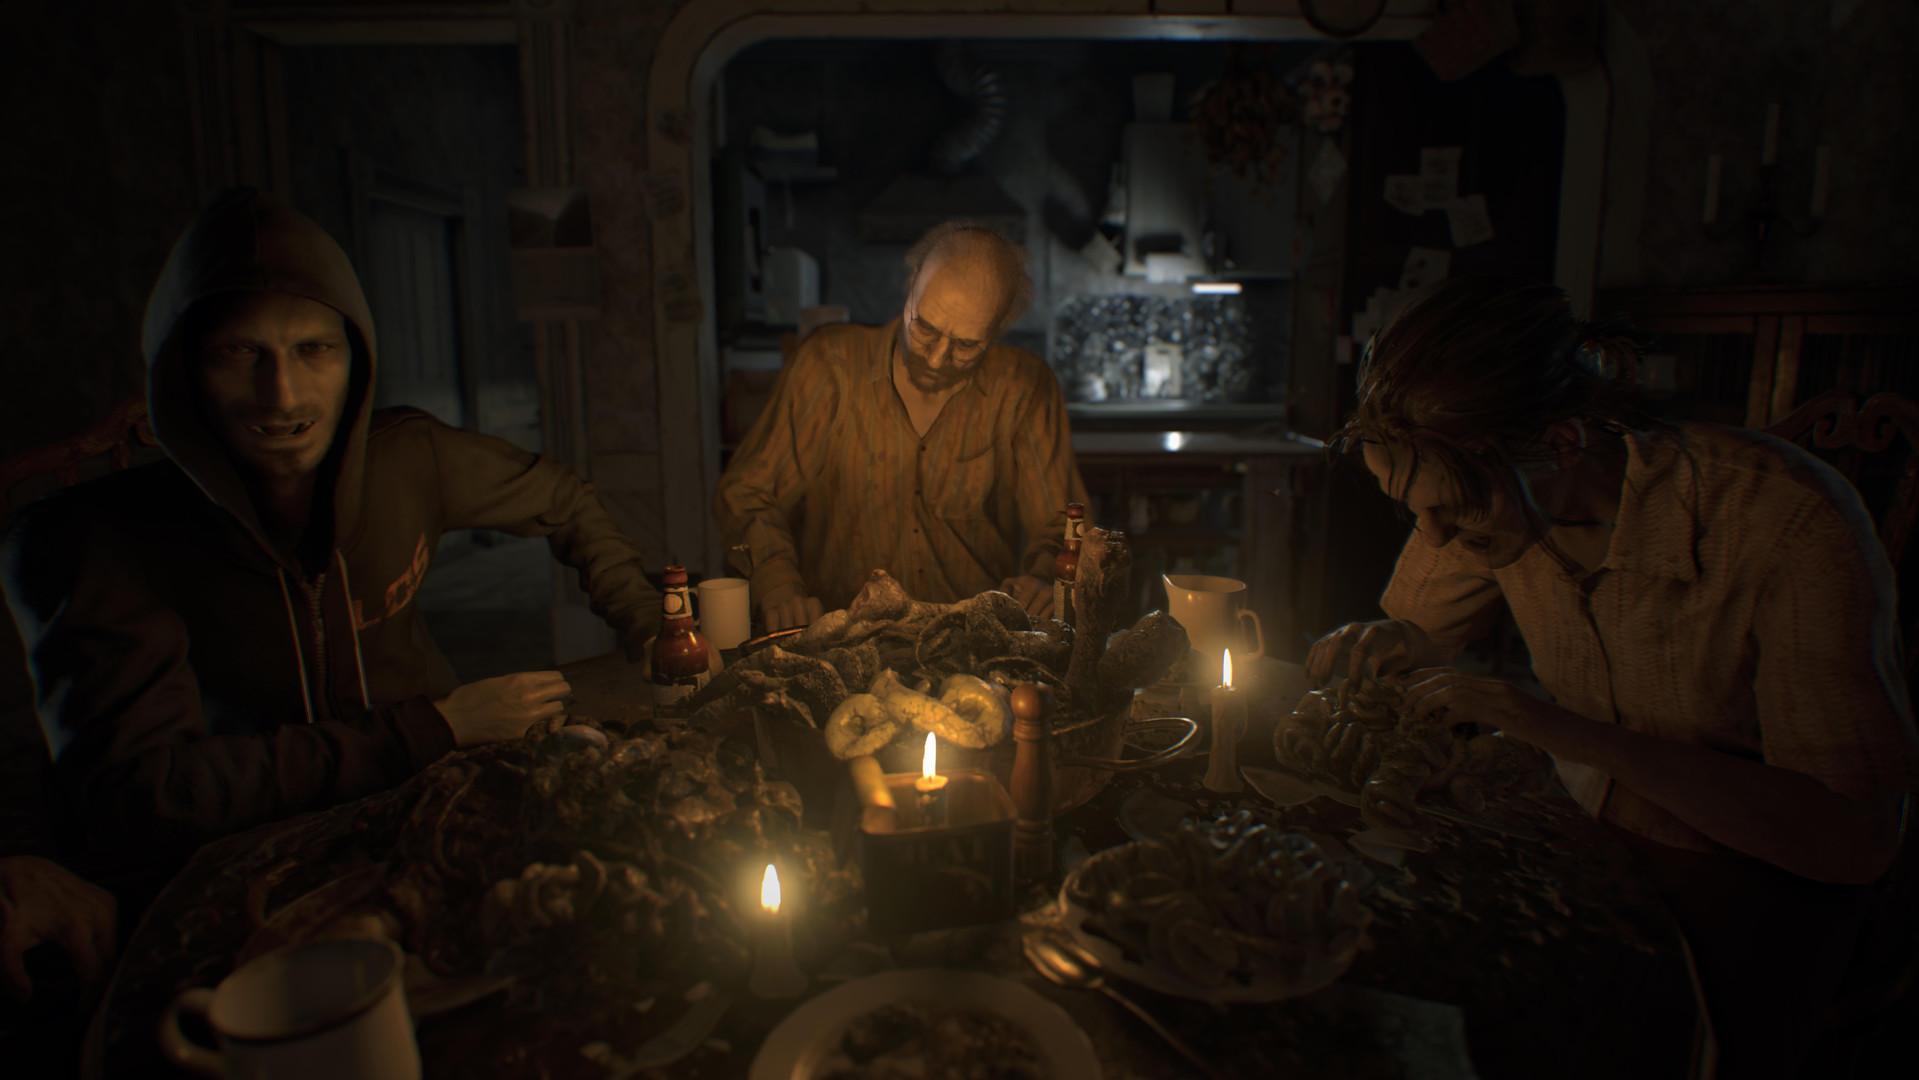 A screenshot of the horrible Baker family arranged around their horrible dinner table in Resident Evil 7